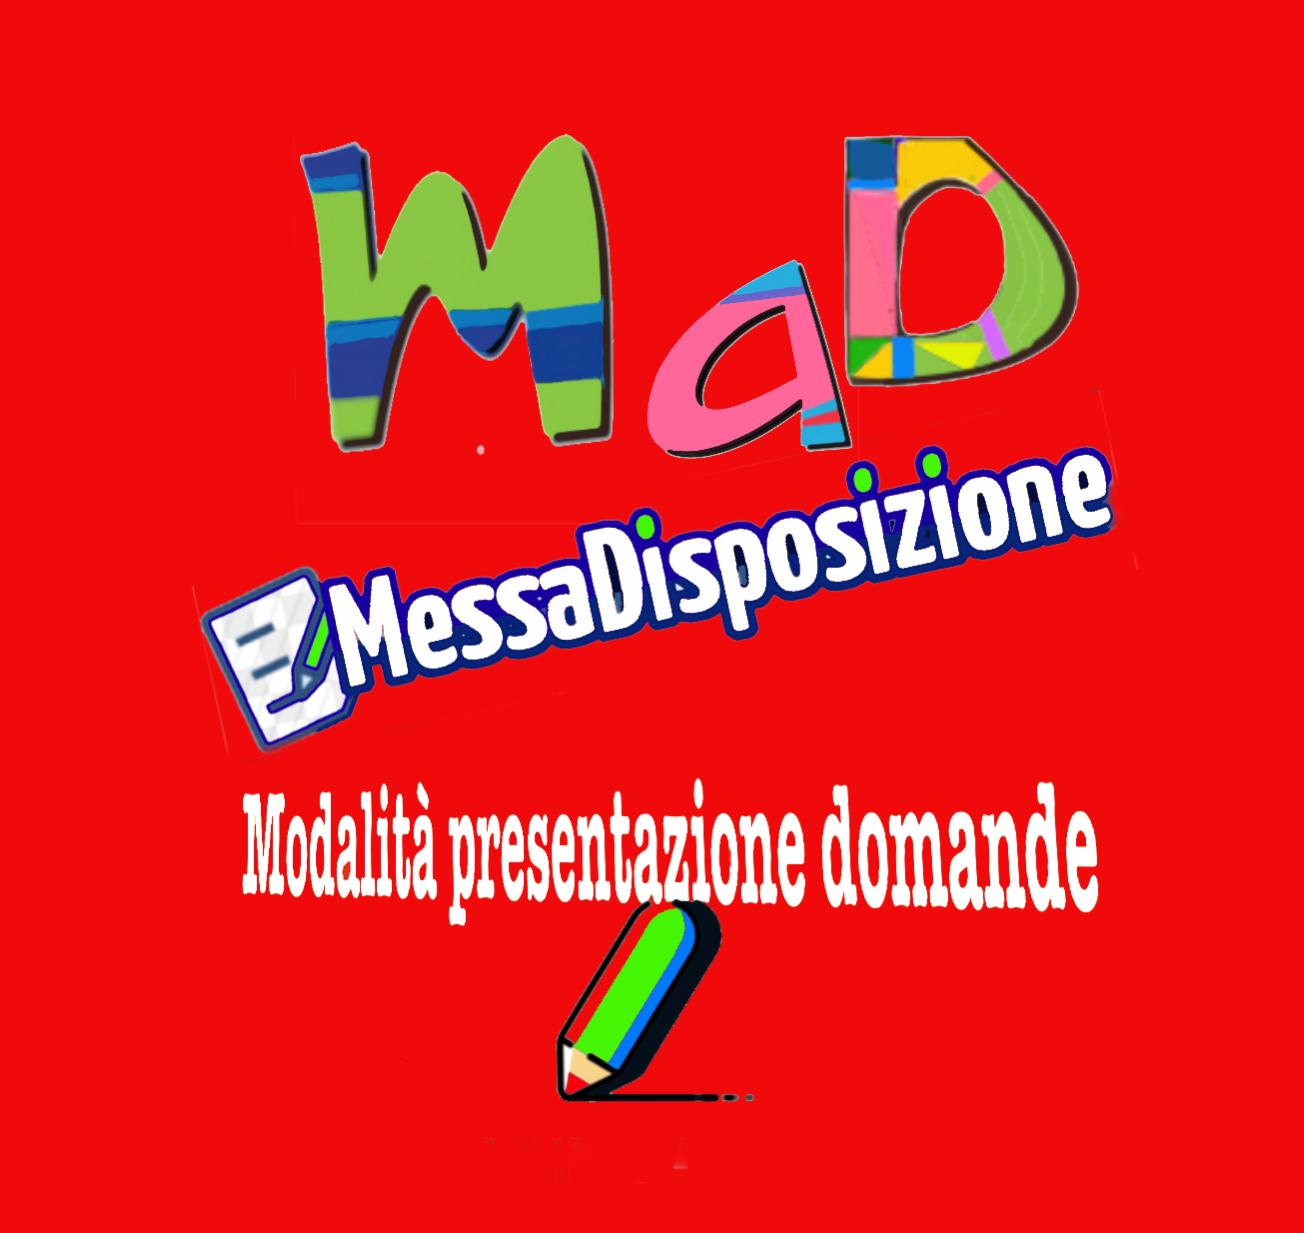 MAD PRESENTAZIONE DOMANDE - MODALLITÀ